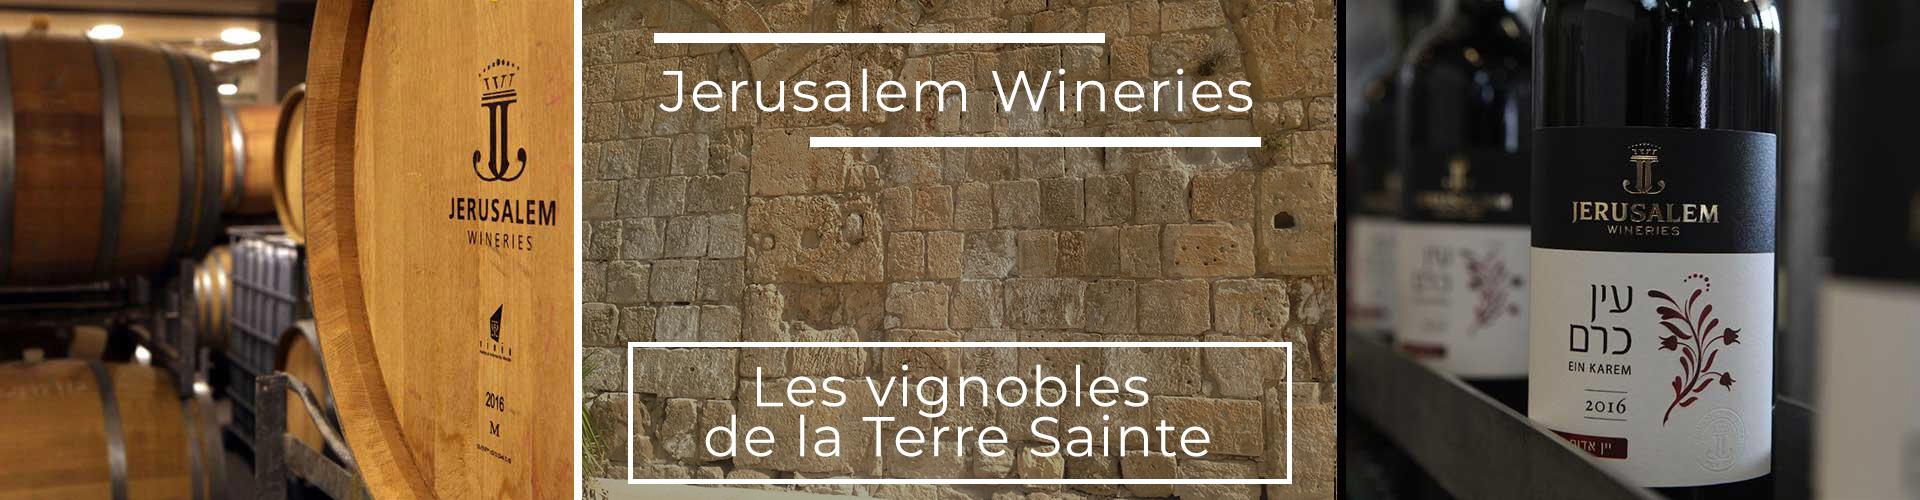 Negev Desert JERUSALEM WINERIES- Vins & Epicerie Fine casher/cacher d'Israël à Genève en Suisse - Negev Desert